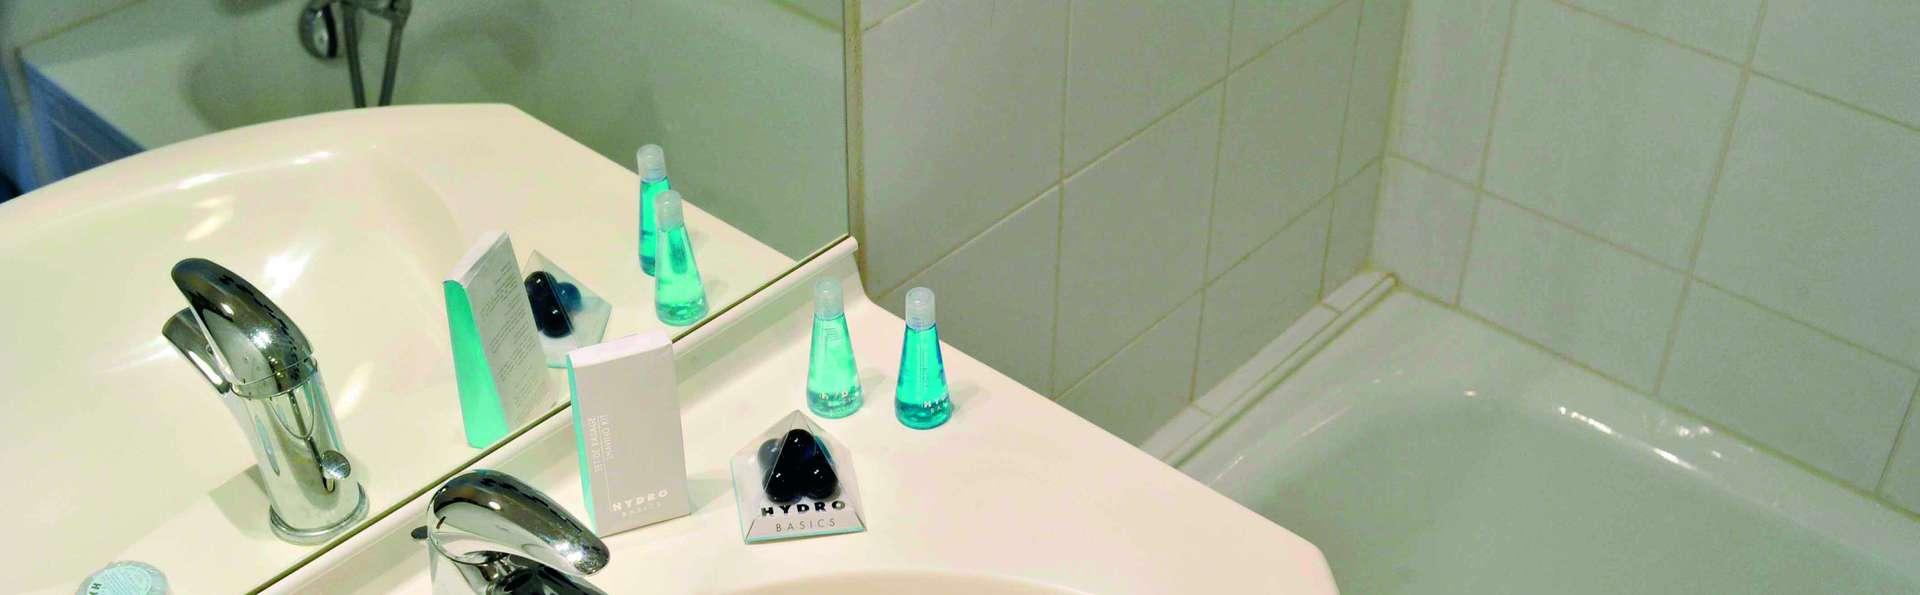 Park & Suites Confort Thonon les Bains - Salle de bain